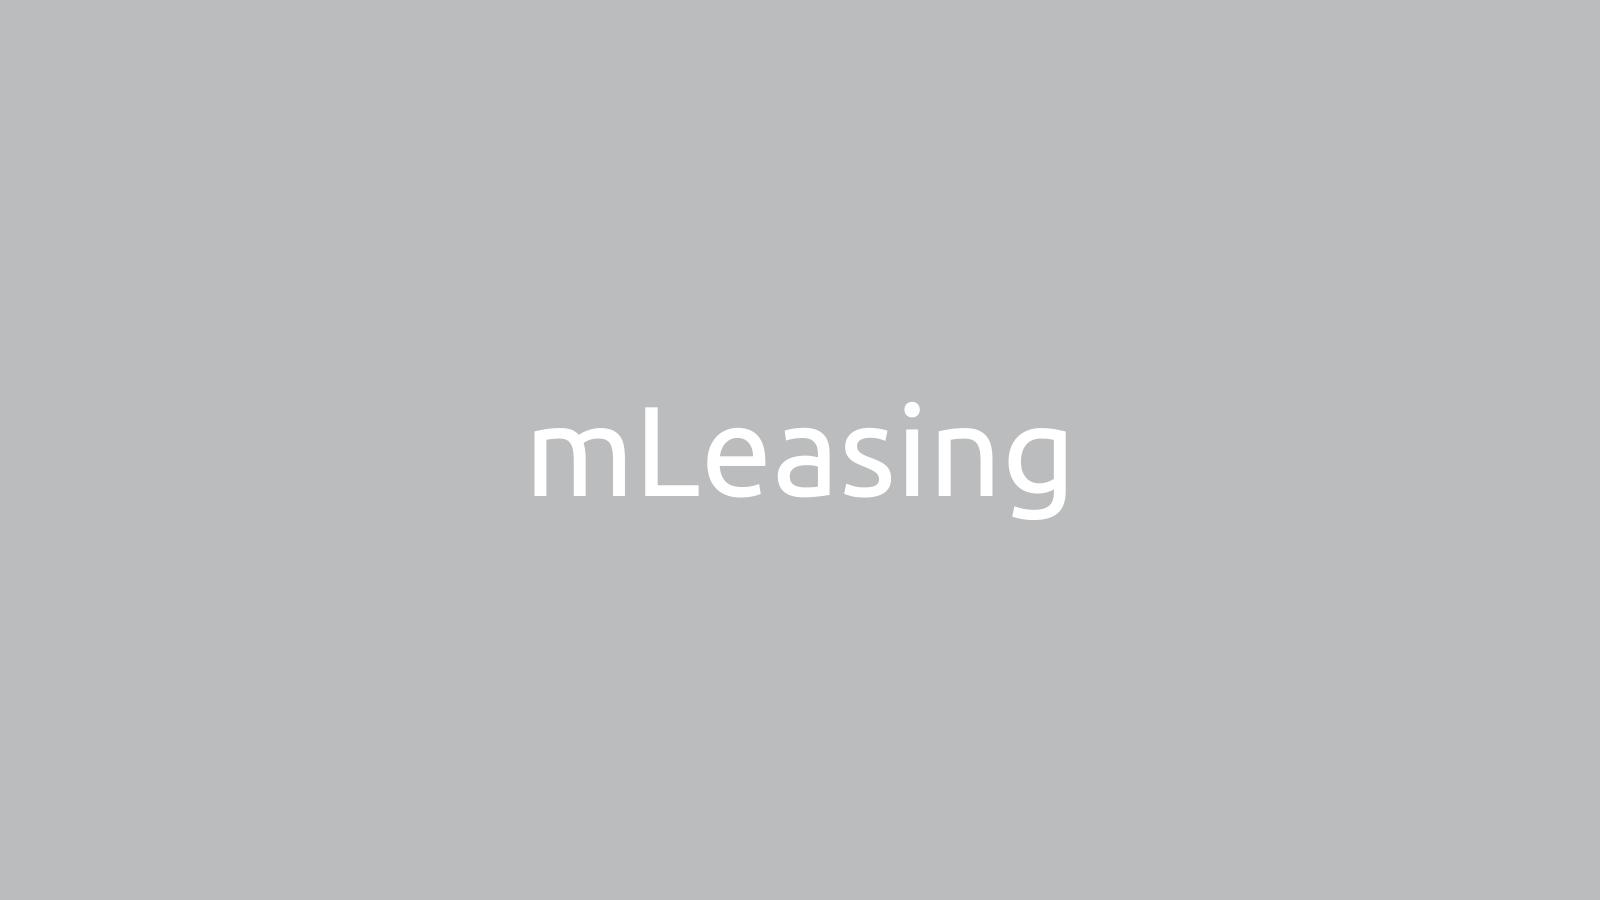 mLeasing